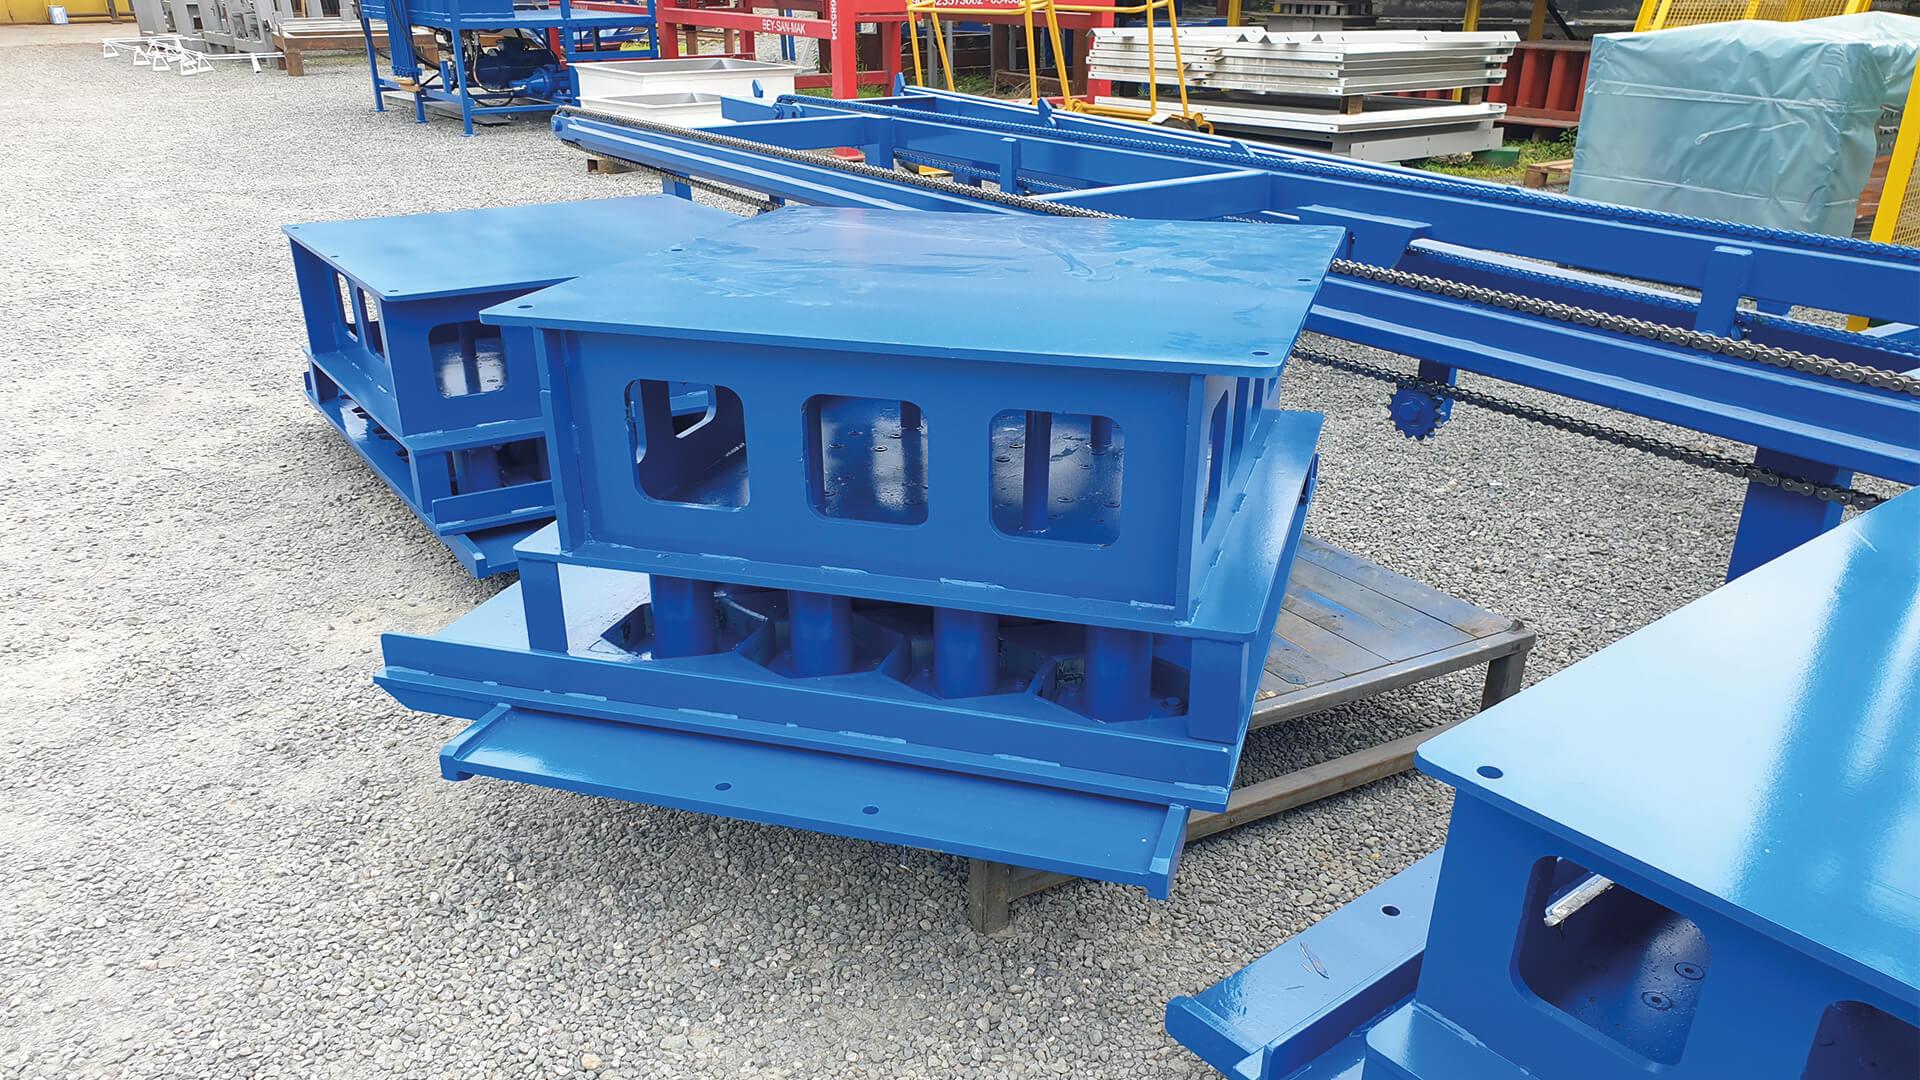 usine_a_brique_machine_a_brique_presse_a_brique_06.jpg